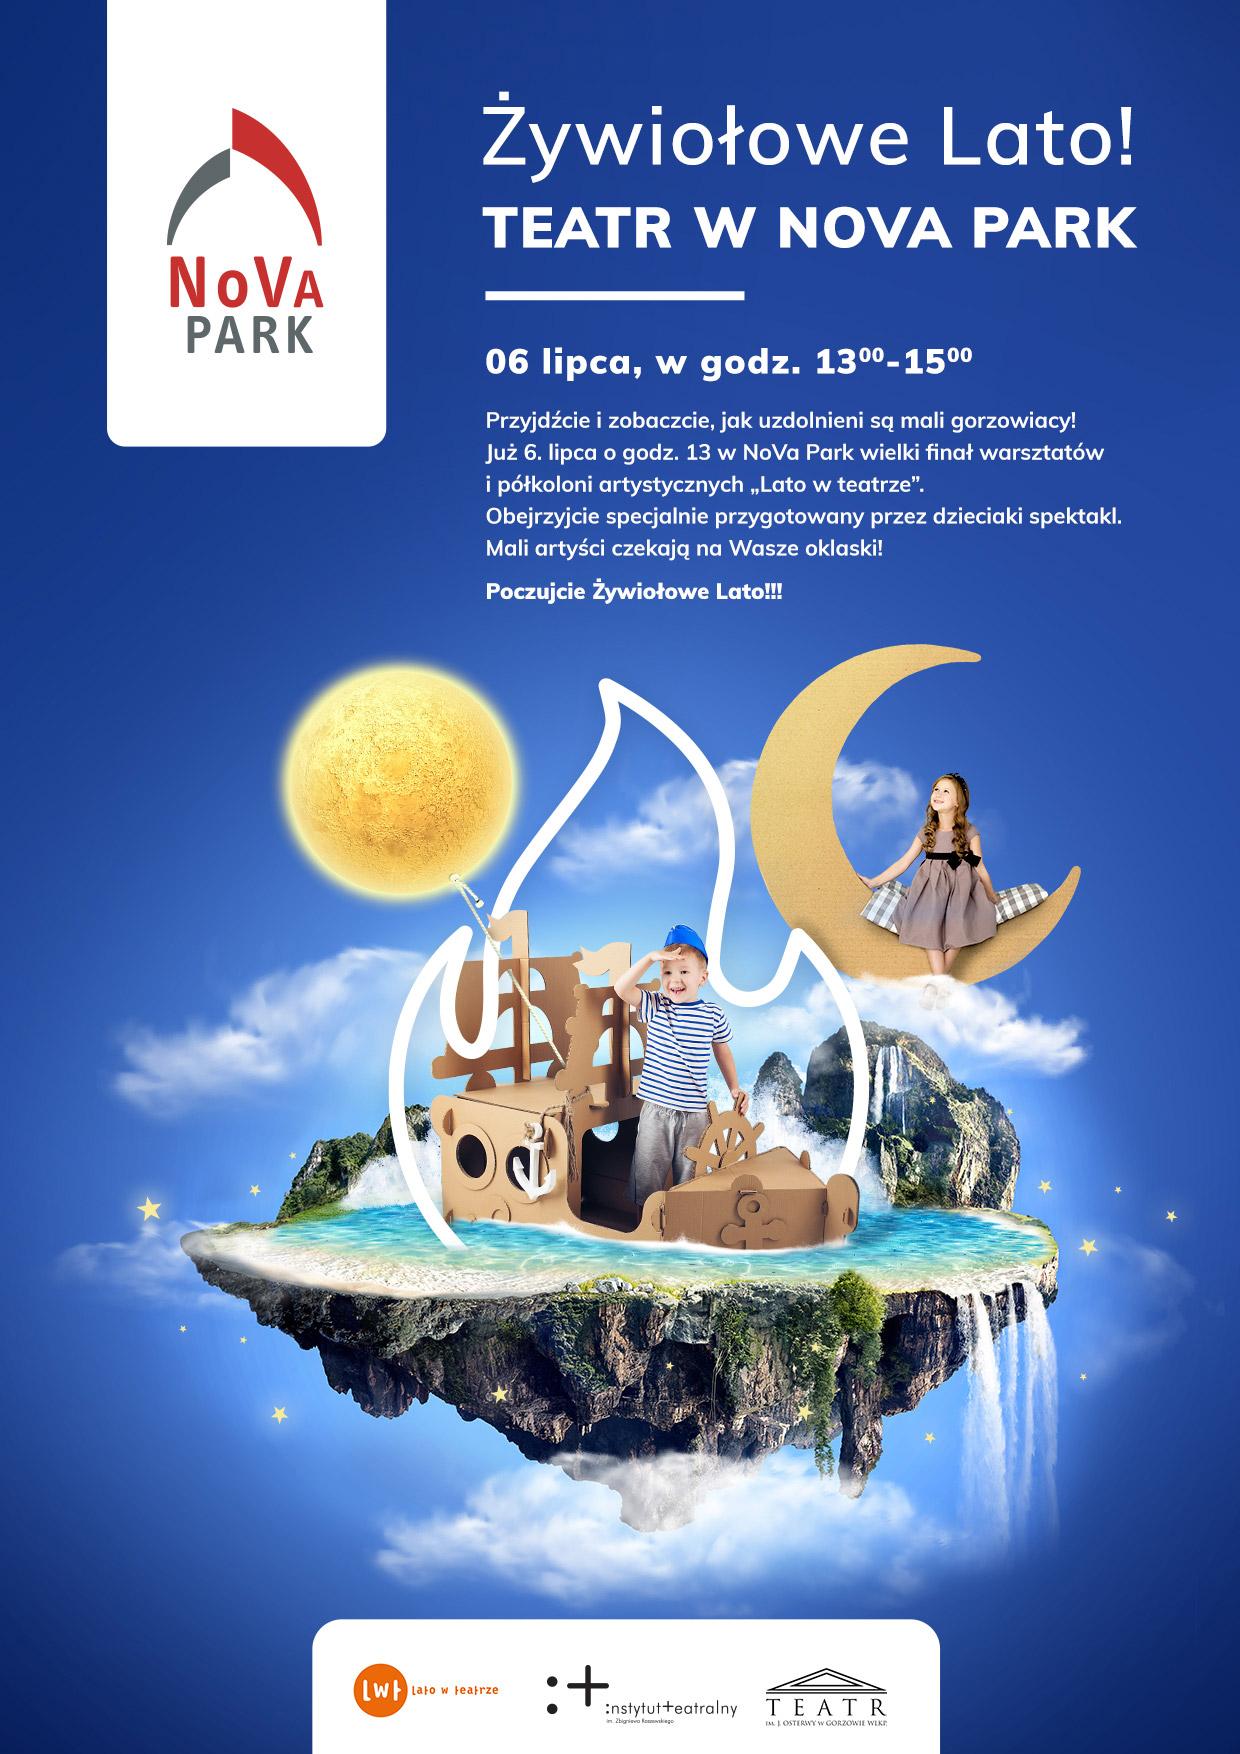 Lato w teatrze w NoVa Park